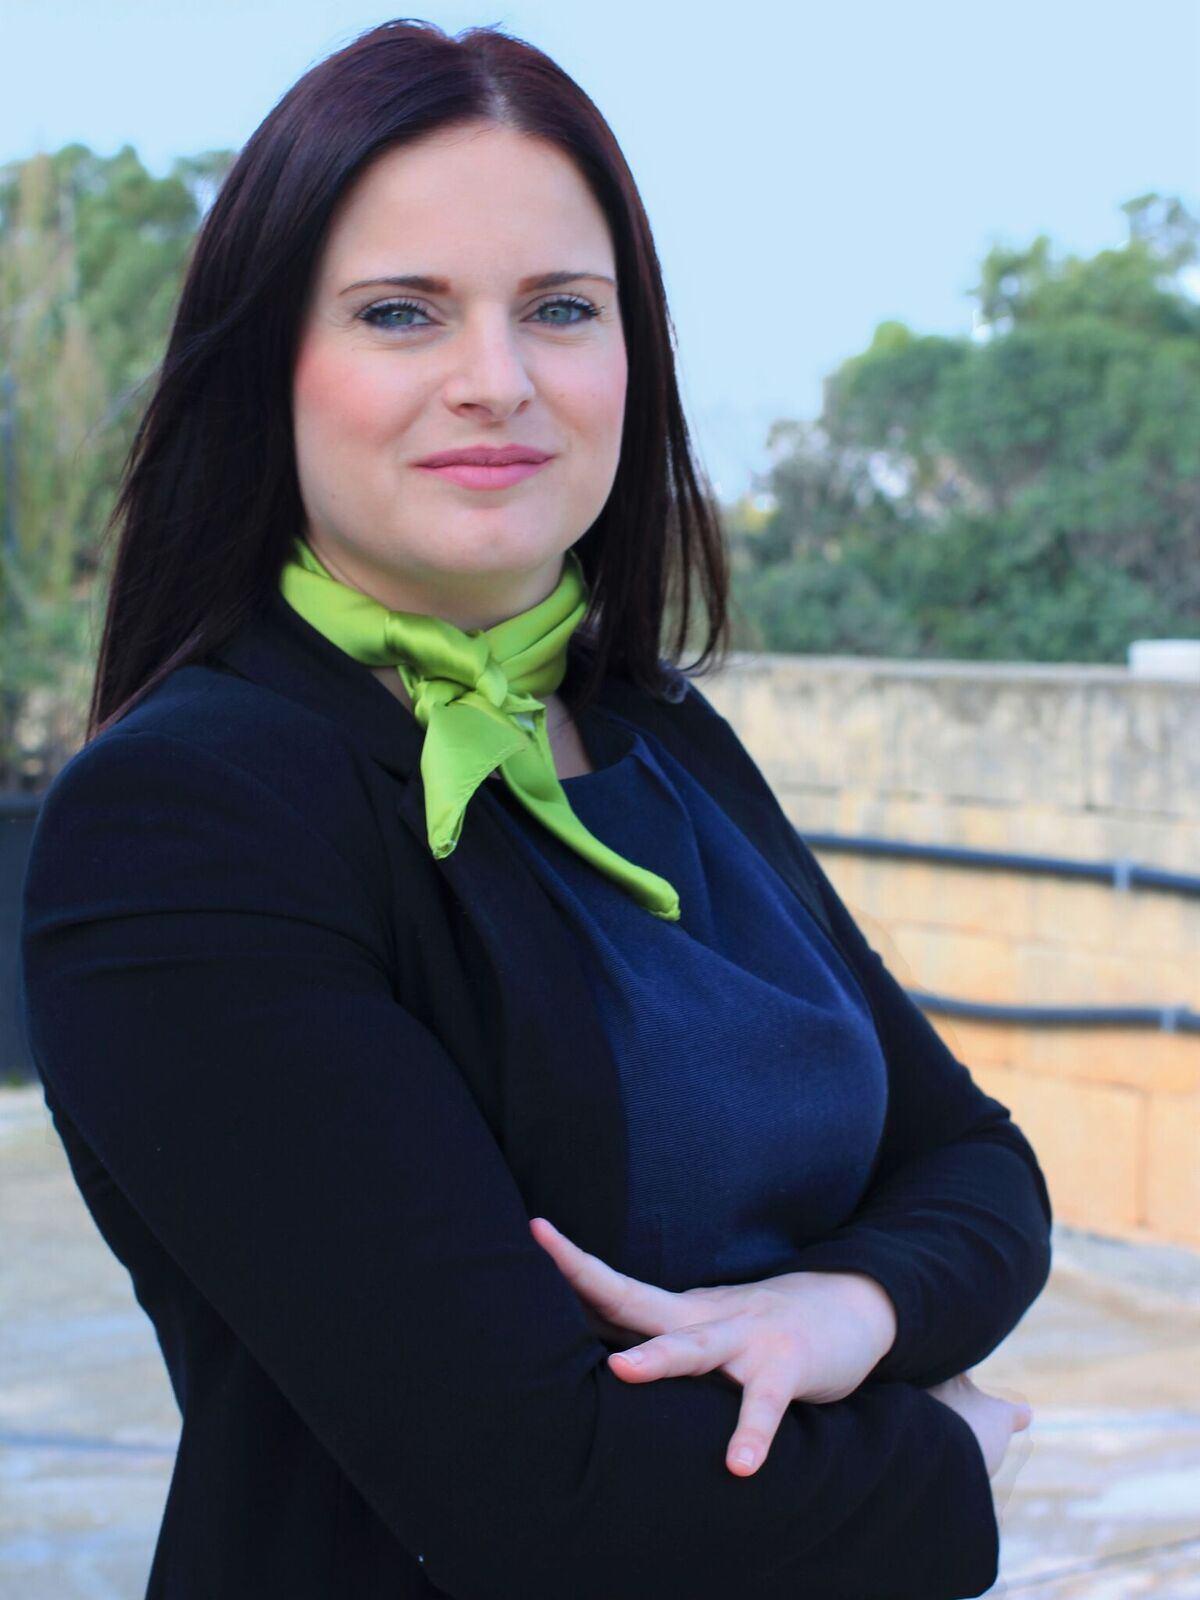 Marlisa Carabott